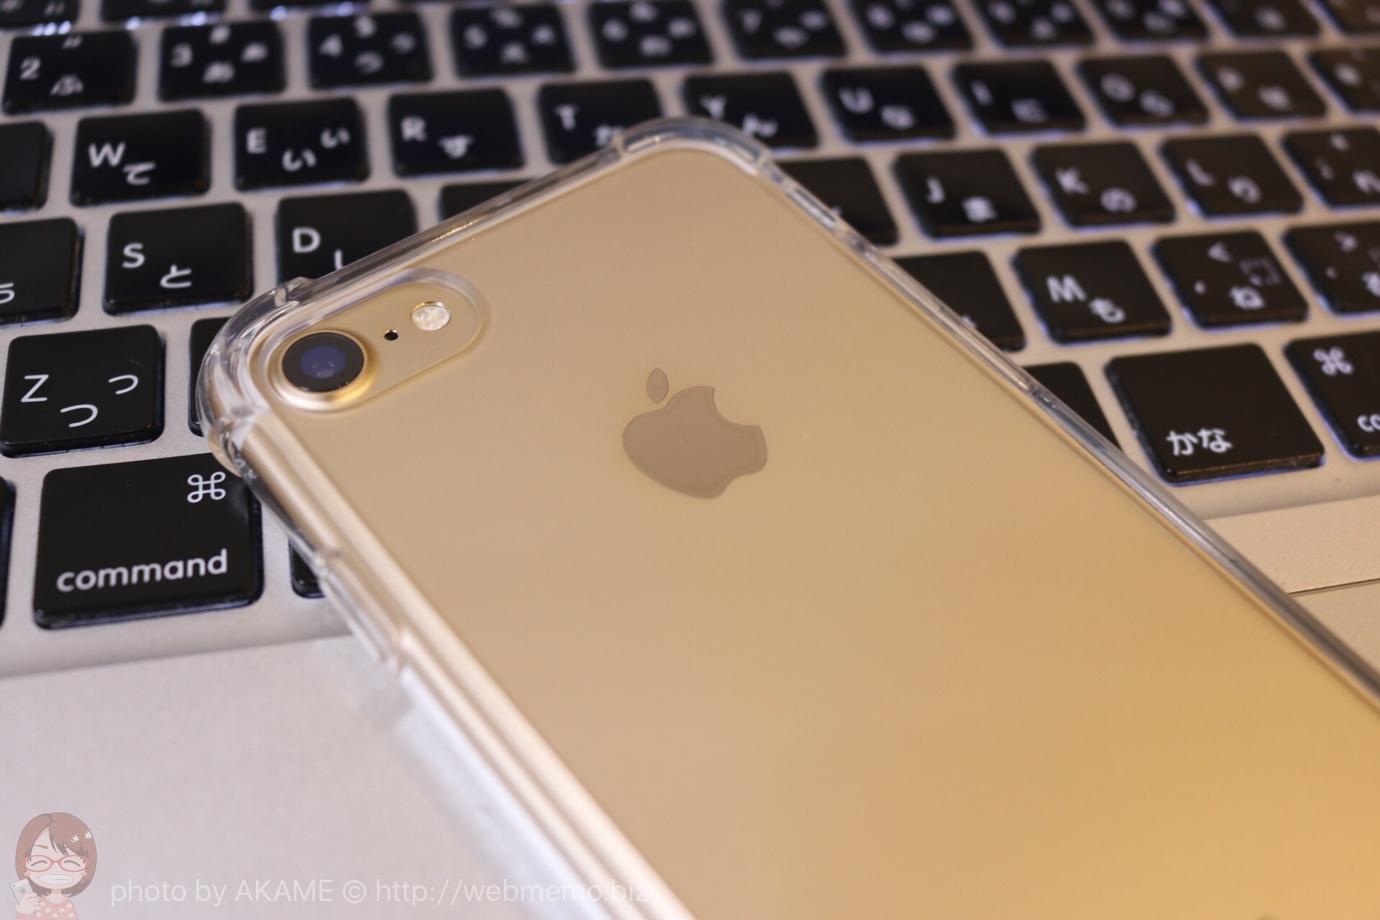 iPhoneのキーボードからマイクのアイコン(音声入力)を非表示・消す方法